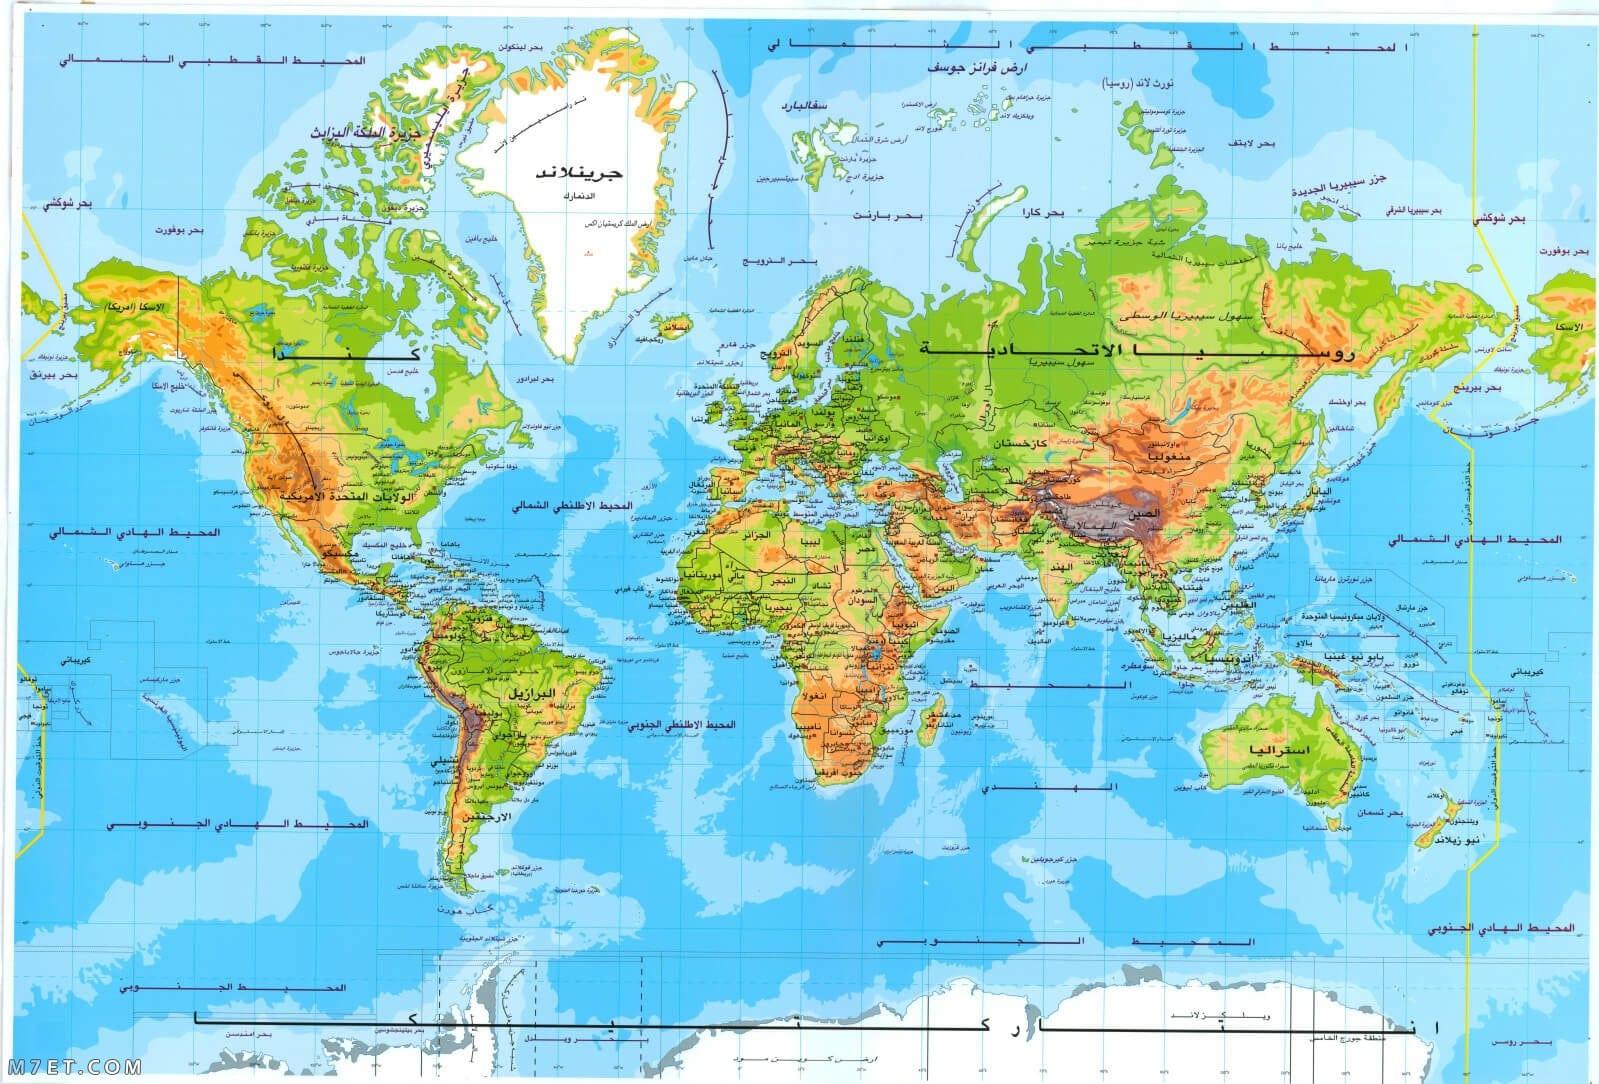 صورة خريطة العالم الجغرافية ملونة